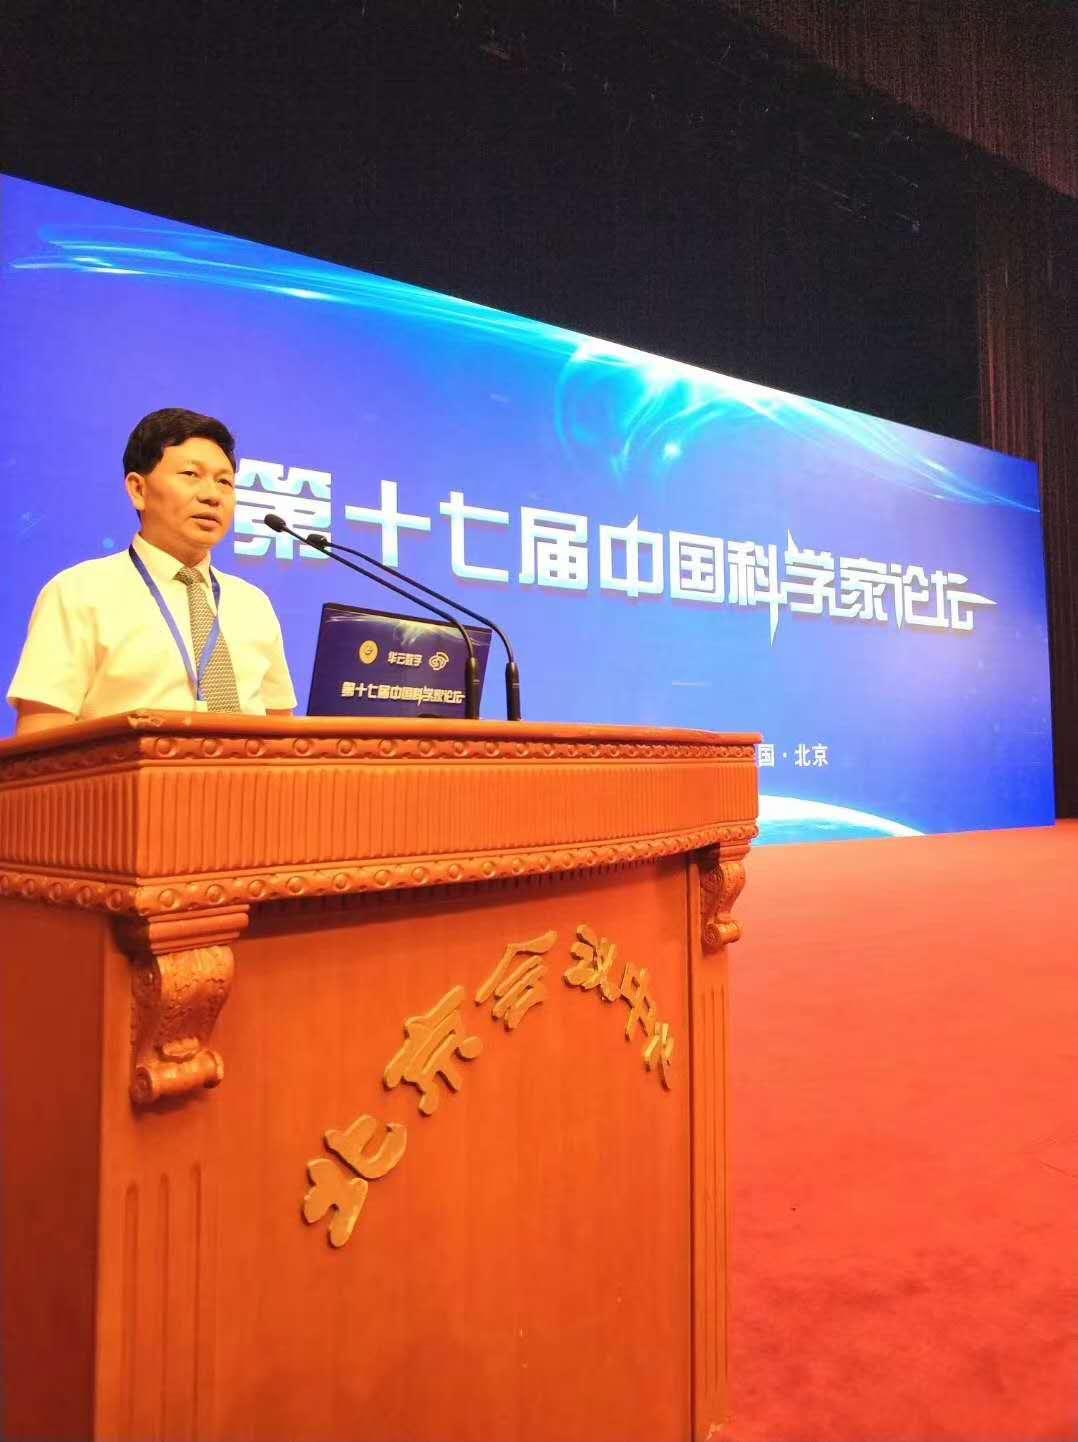 科技创新 引领未来 李乘伊院长受邀参加第十七届中国科学家论坛